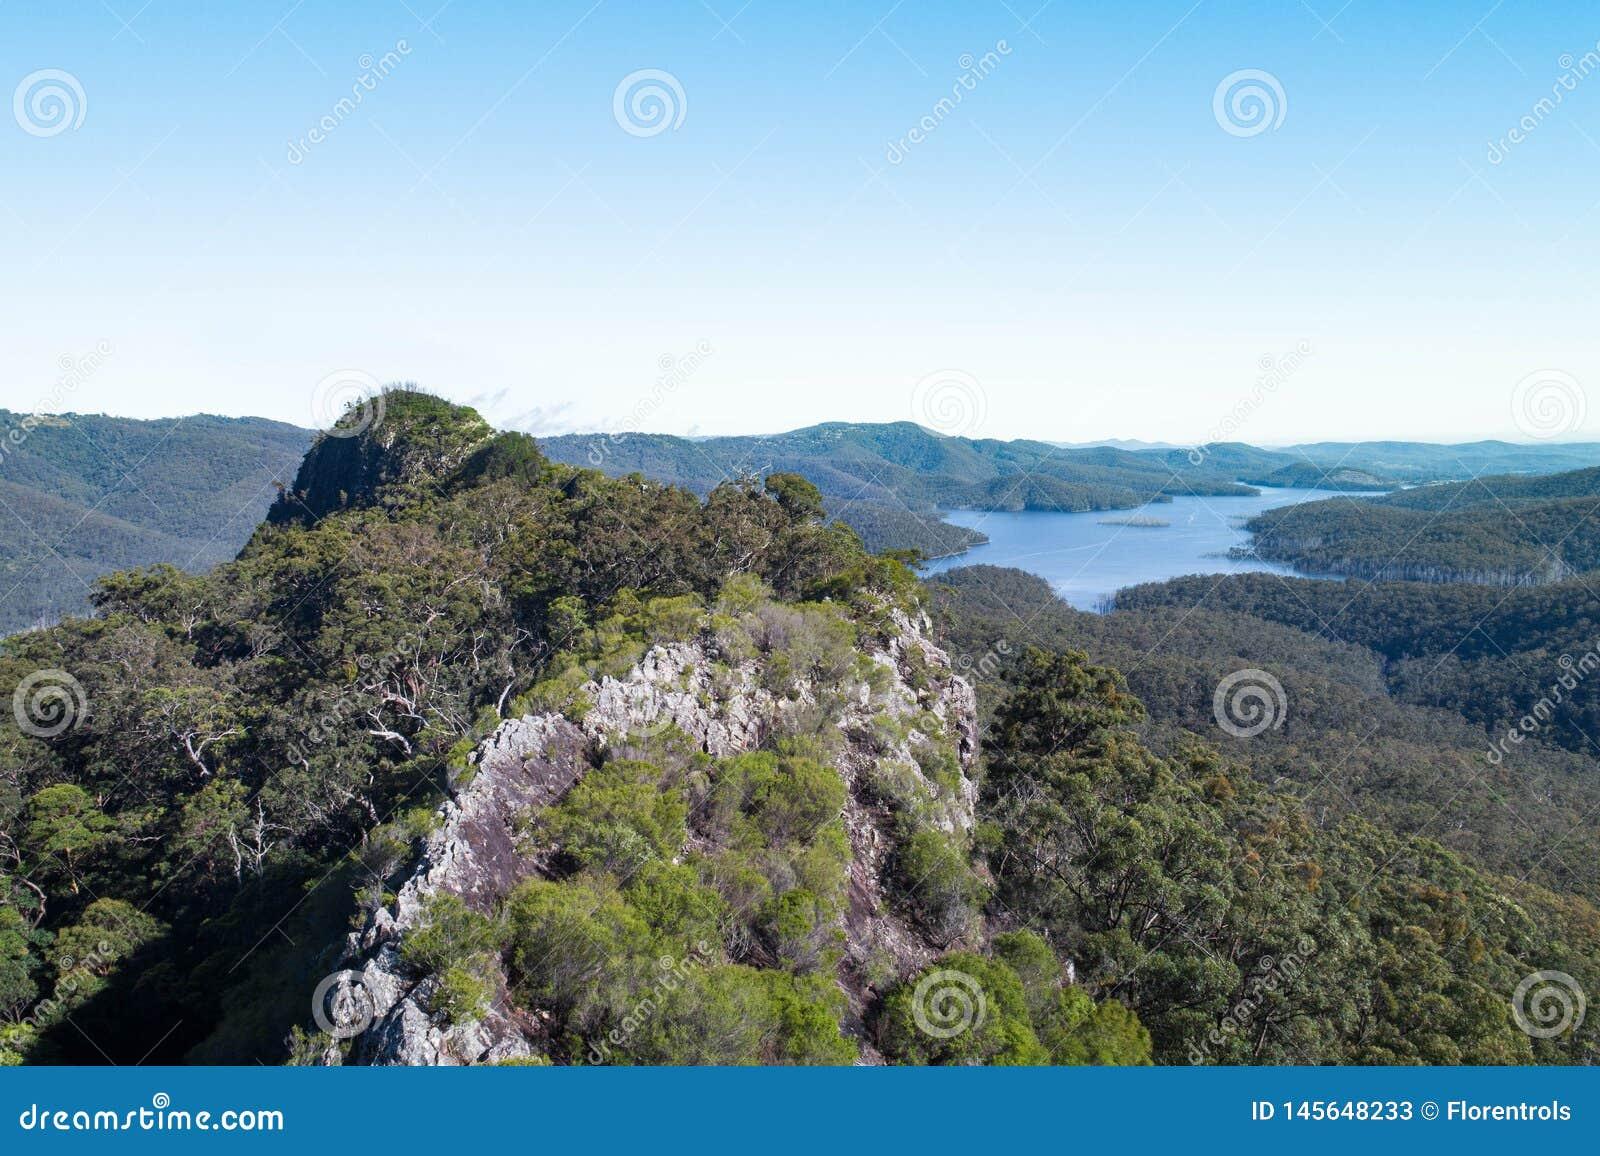 Seiten-Berggipfelvogelperspektive mit Hinze-Verdammung im Hintergrund